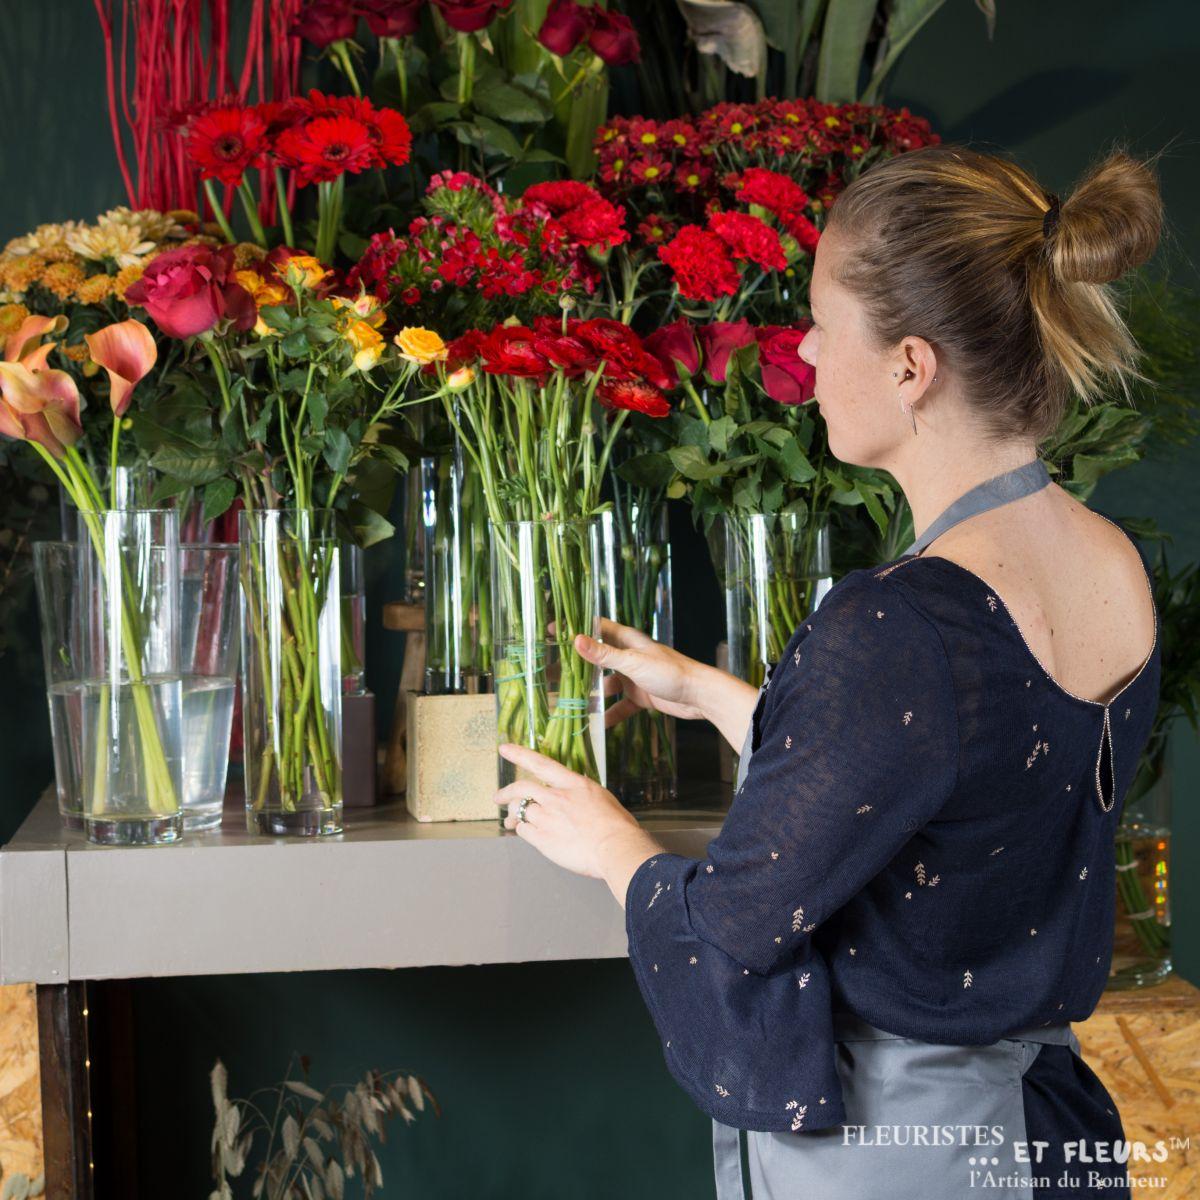 Fleuristes et fleurs trouvez les fleuristes pr s de chez for Fleuristes et fleurs